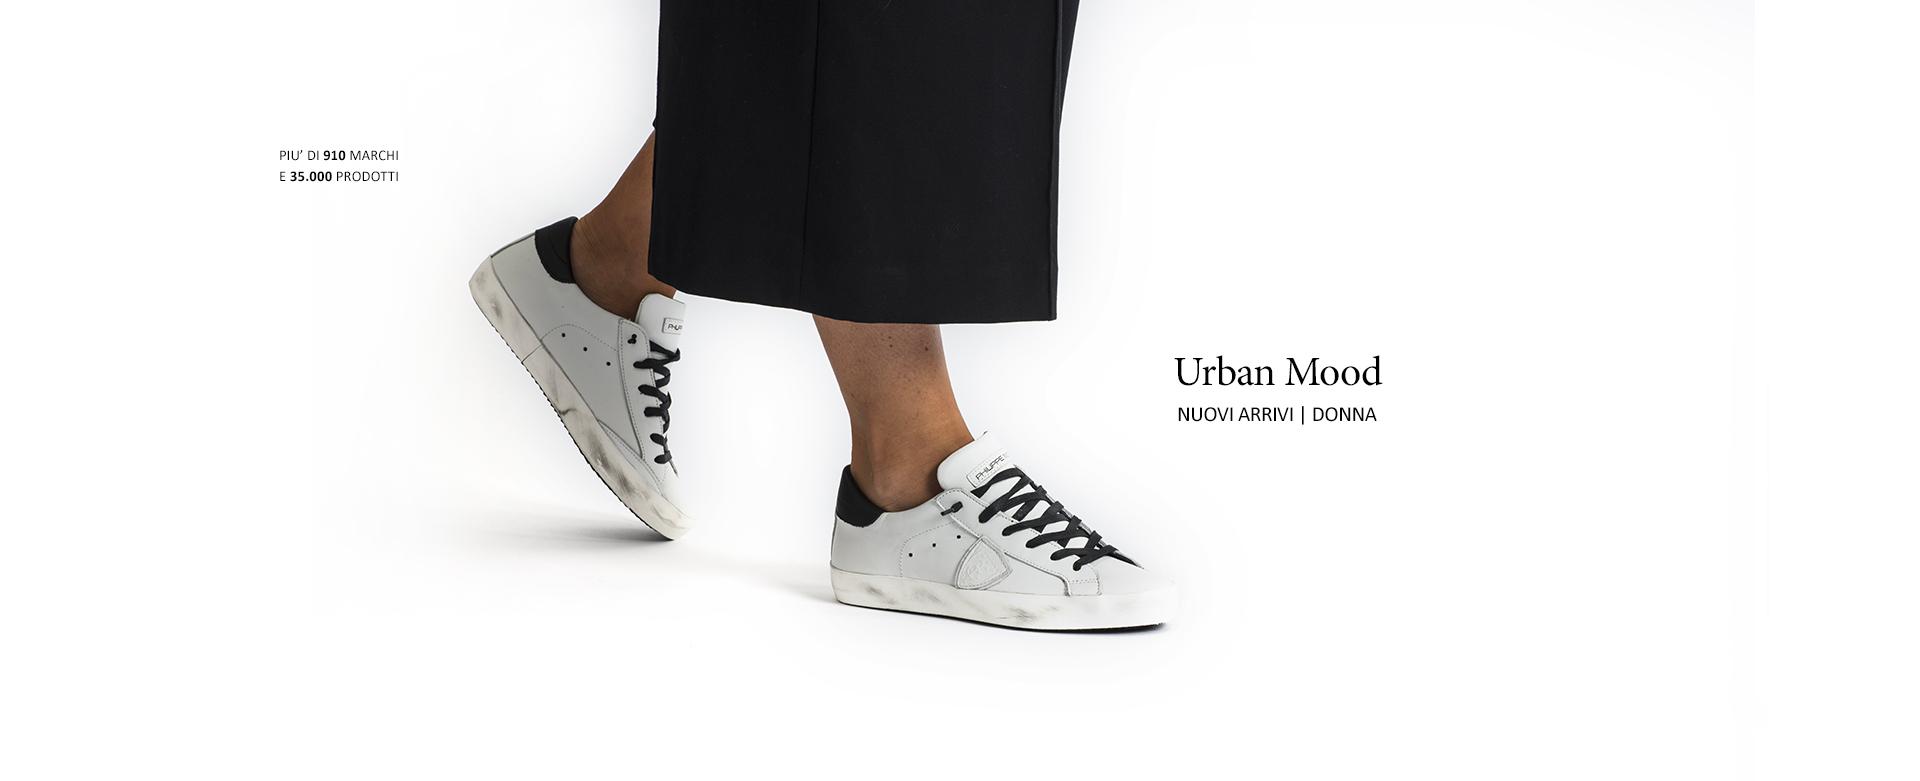 adidas superstar rizzato calzature